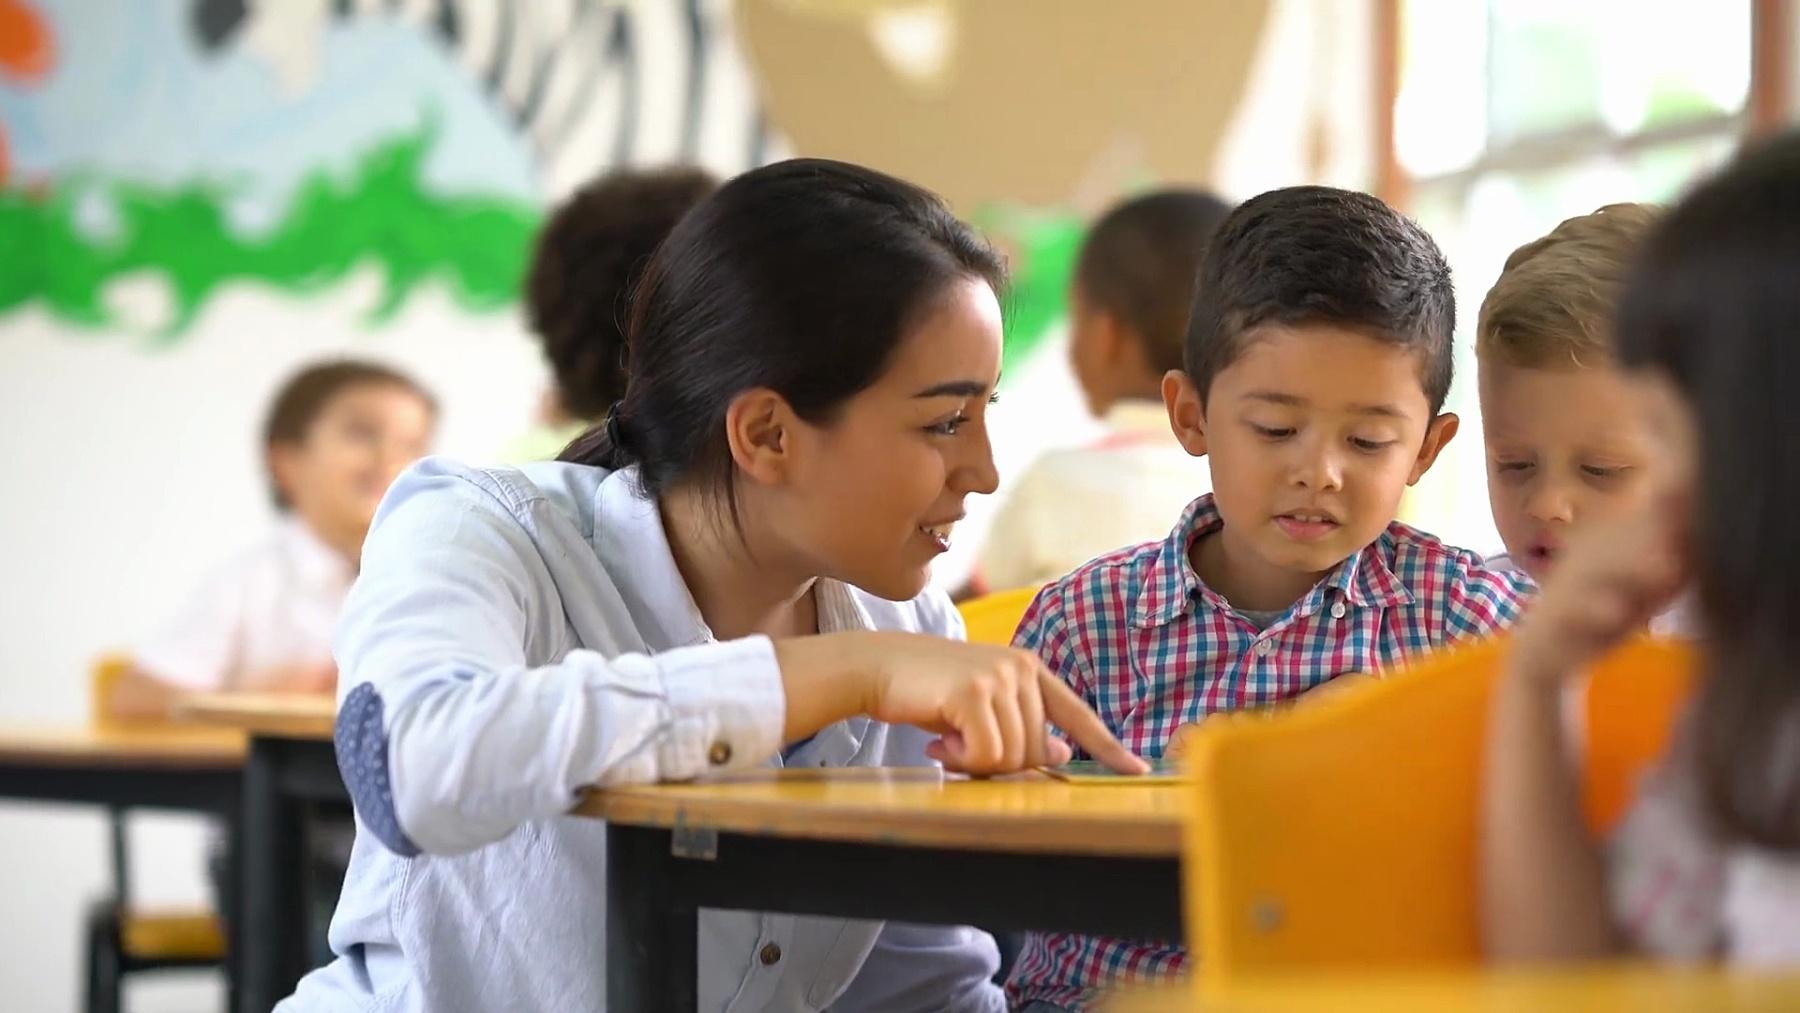 教师帮助学生理解任务